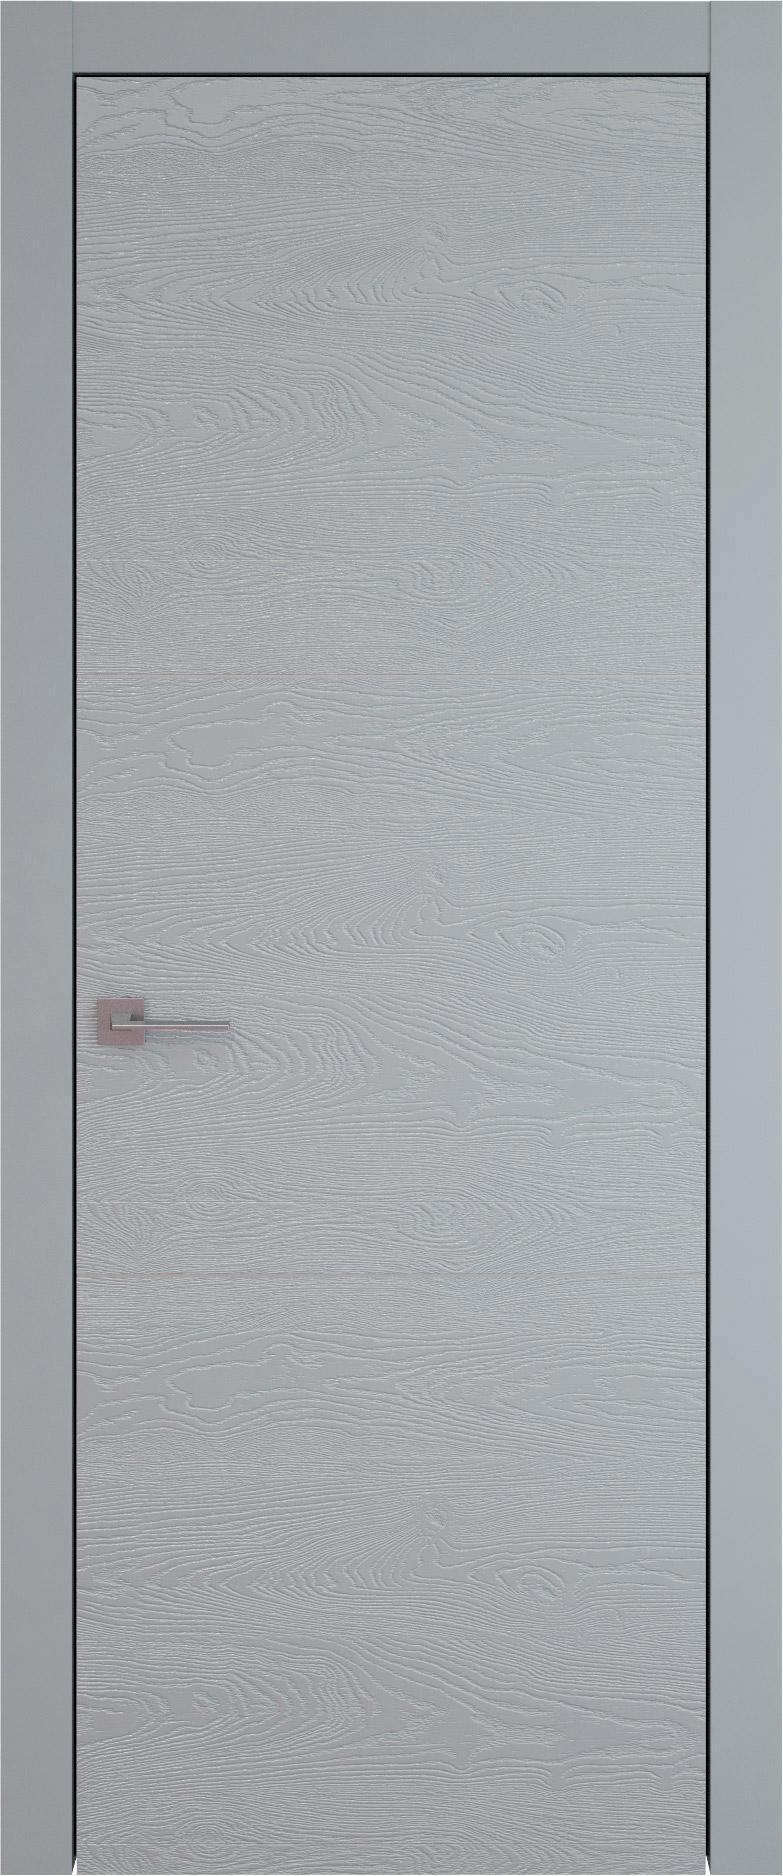 Tivoli В-2 цвет - Серебристо-серая эмаль по шпону (RAL 7045) Без стекла (ДГ)